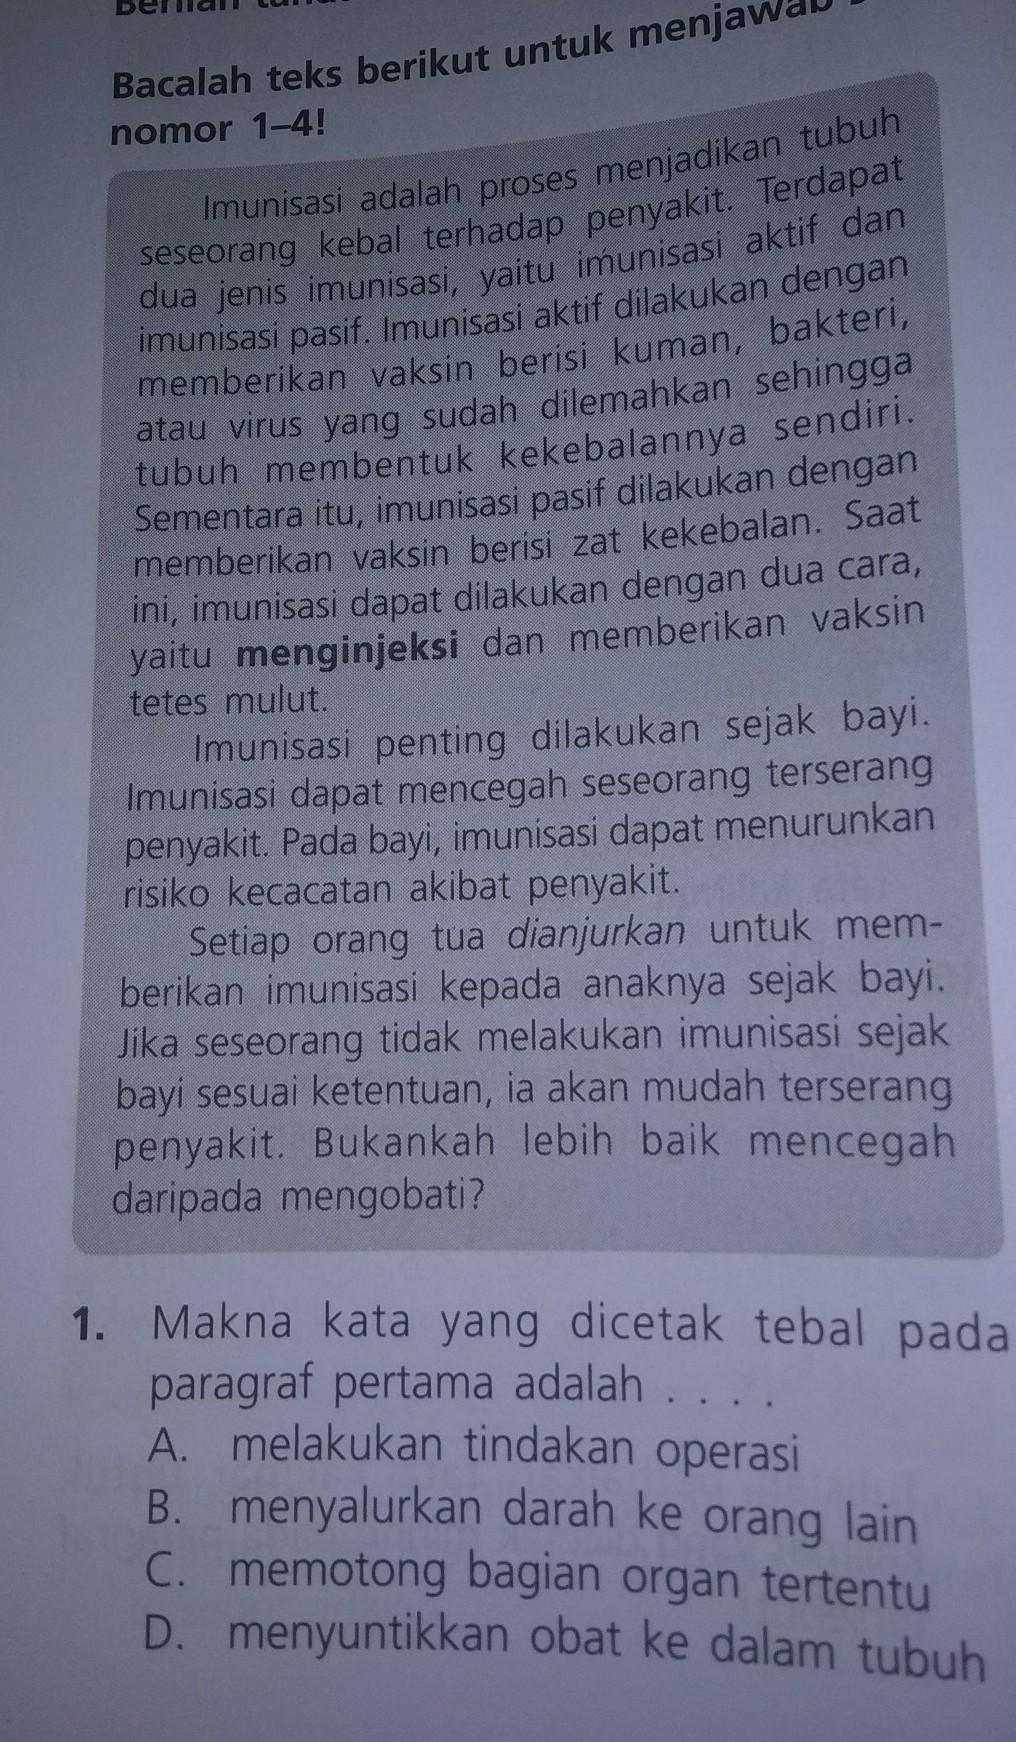 Paragraf Pertama Artinya